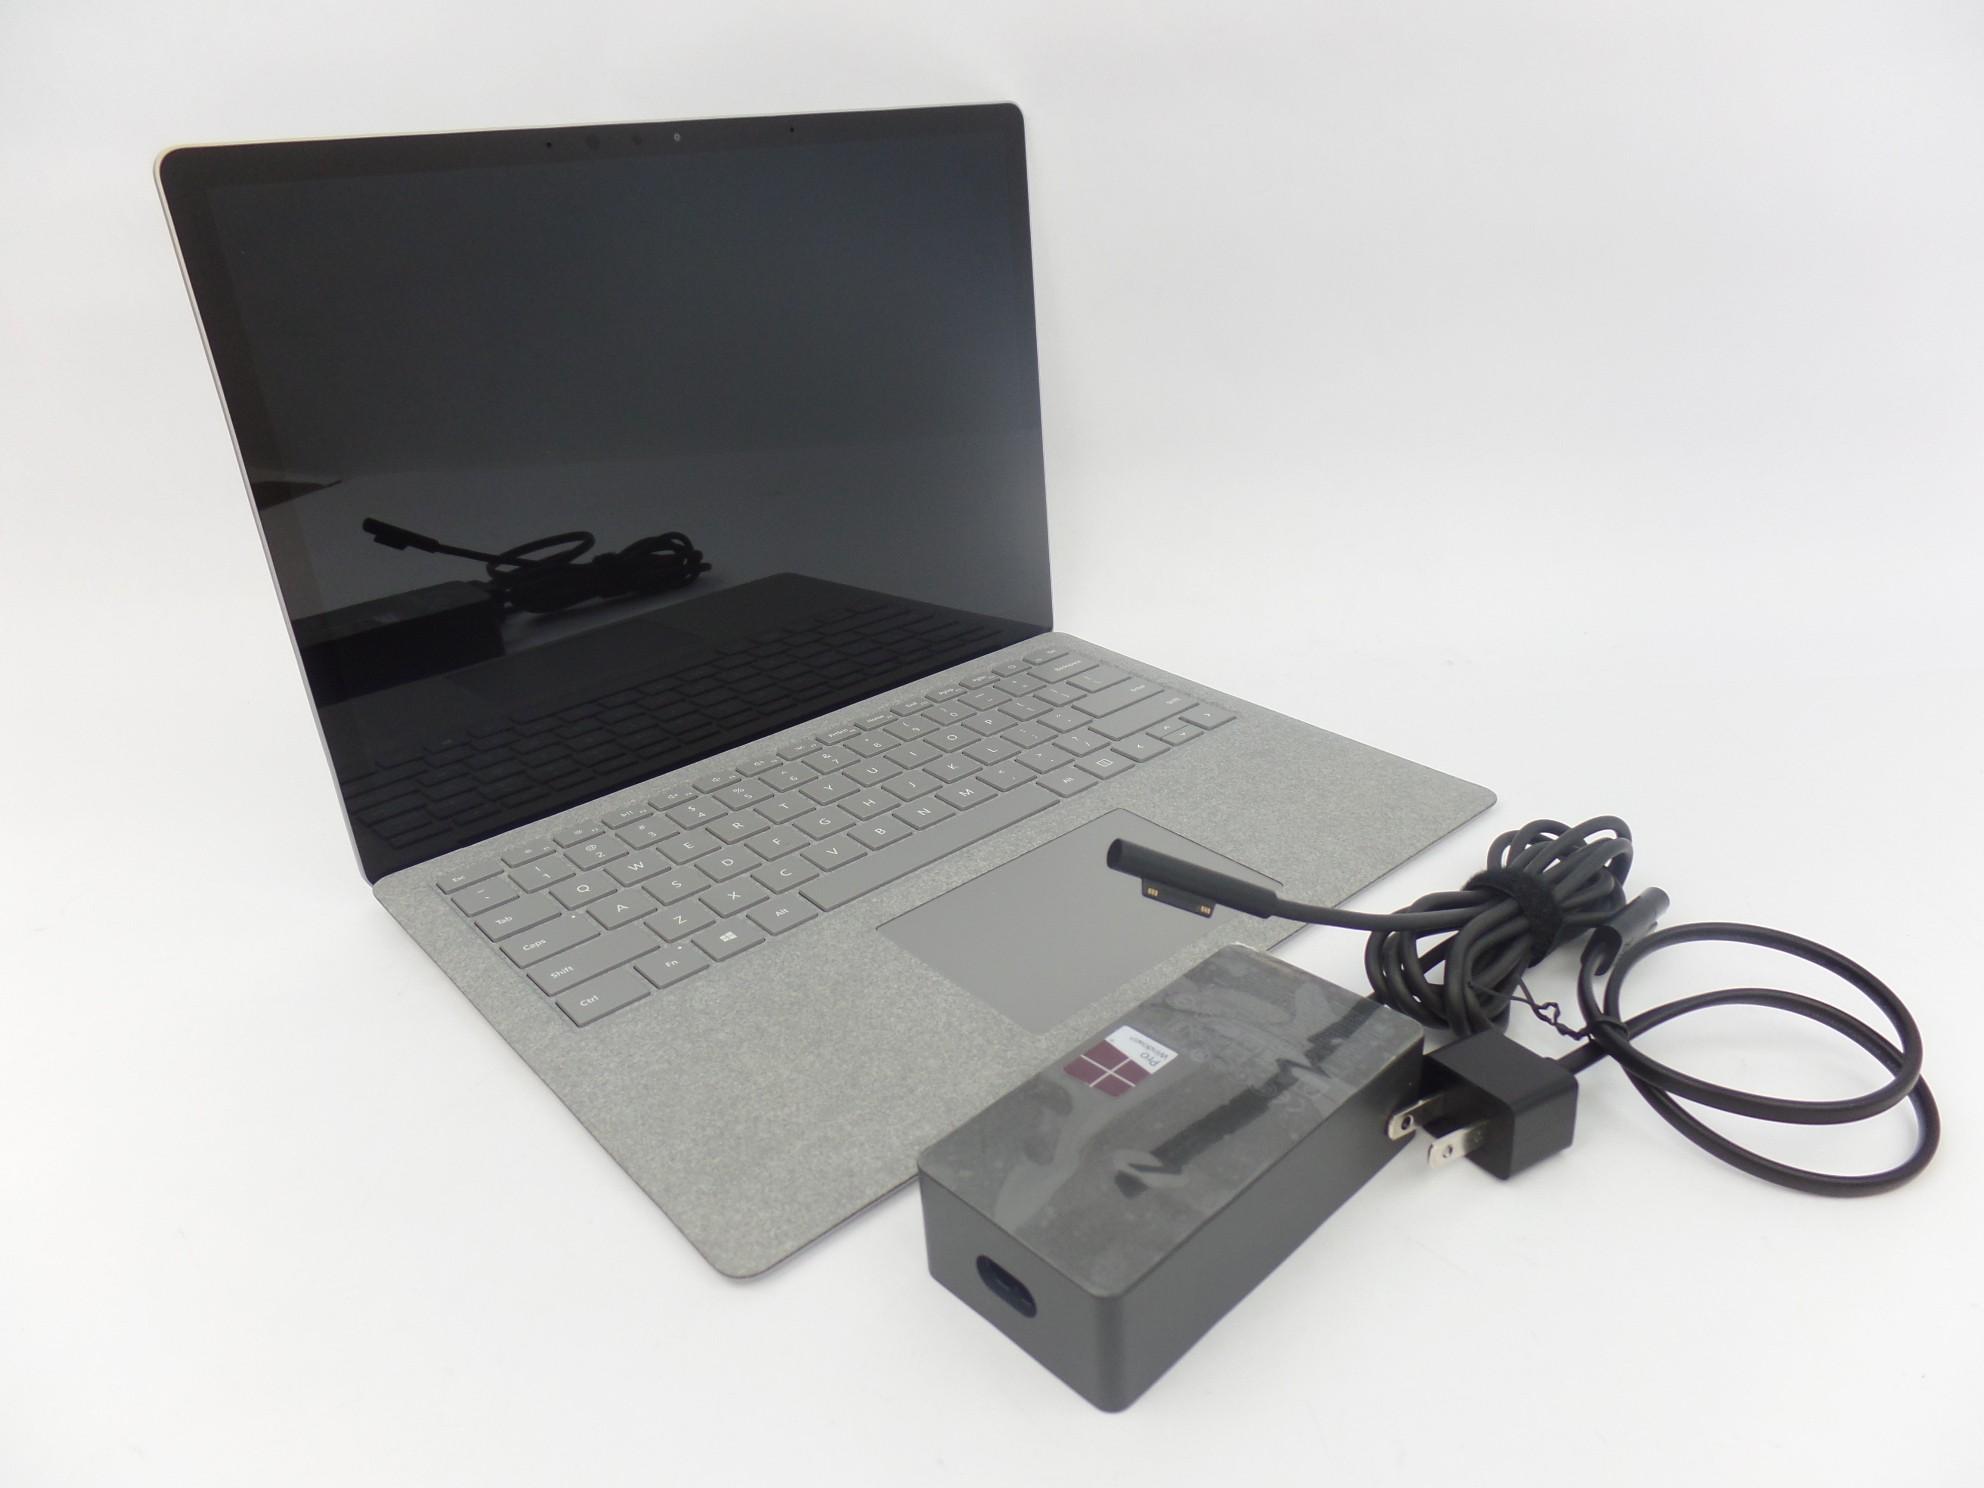 """Microsoft Surface Laptop 1769 13.5"""" Touch i5-8250U 1.6GH 8GB 128GB SSD W10H Grey"""